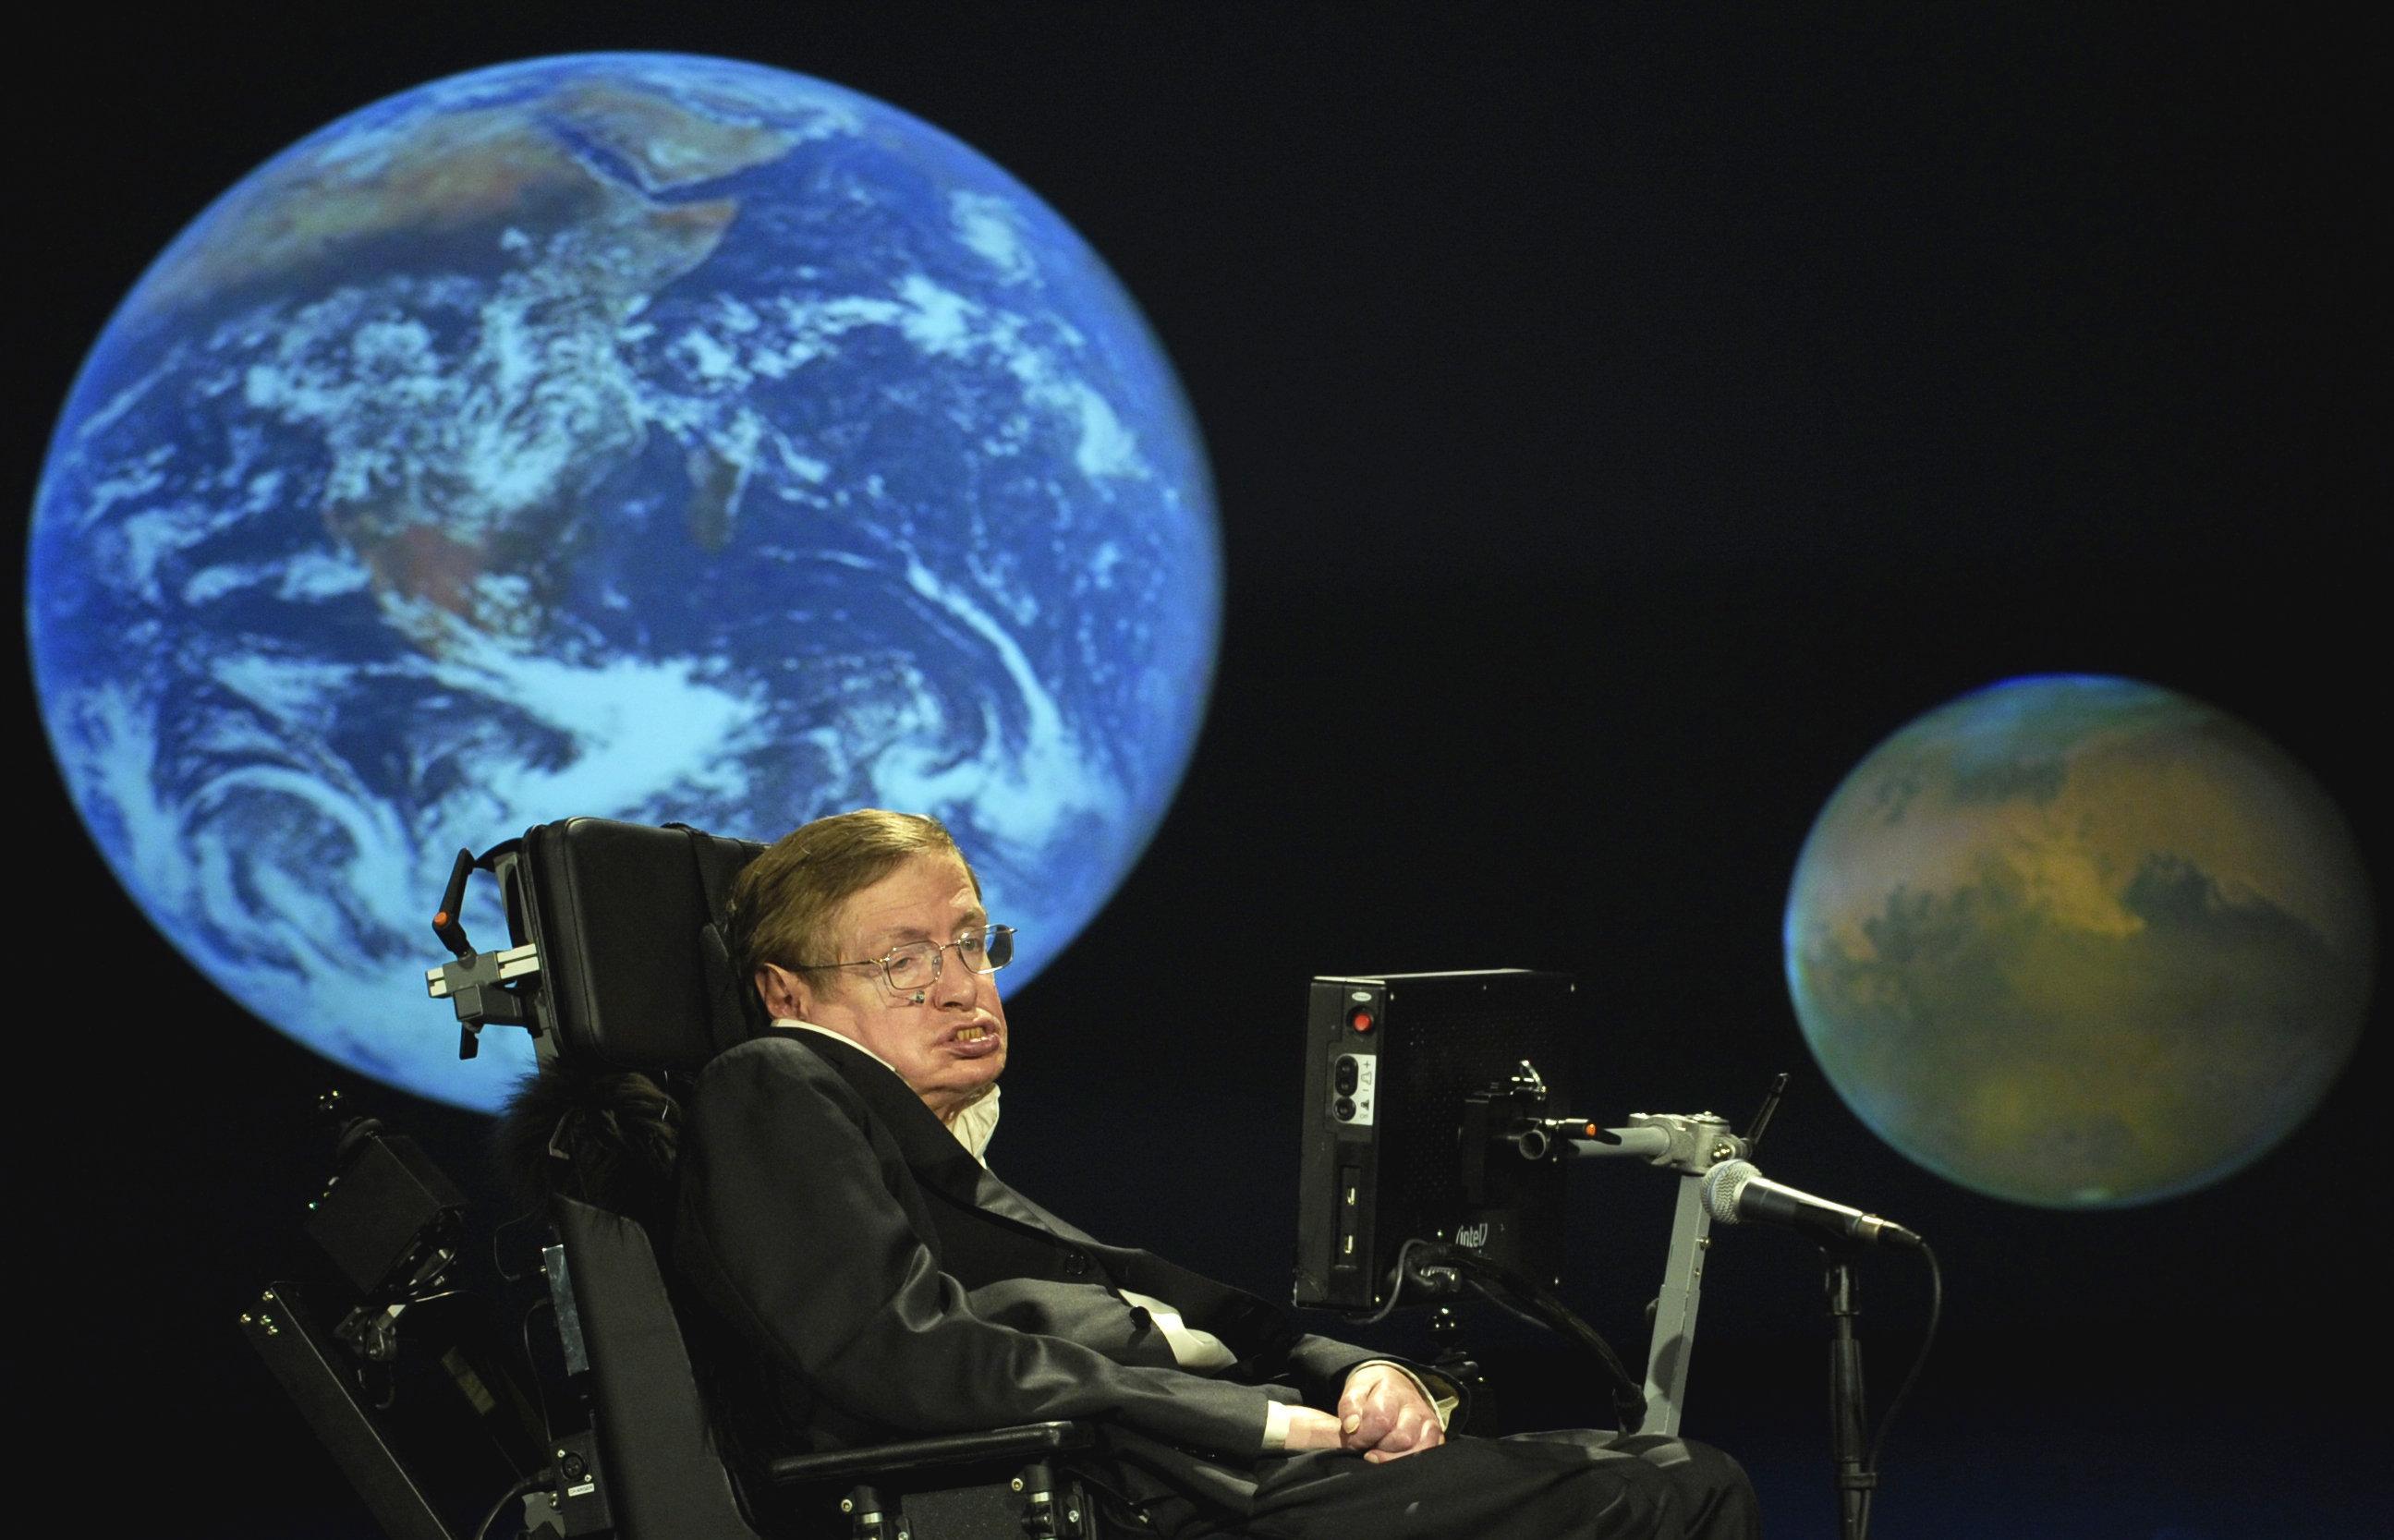 Стивена Хокинга впечатляет российское лидерство в космосе. Но в этом он несколько ошибается